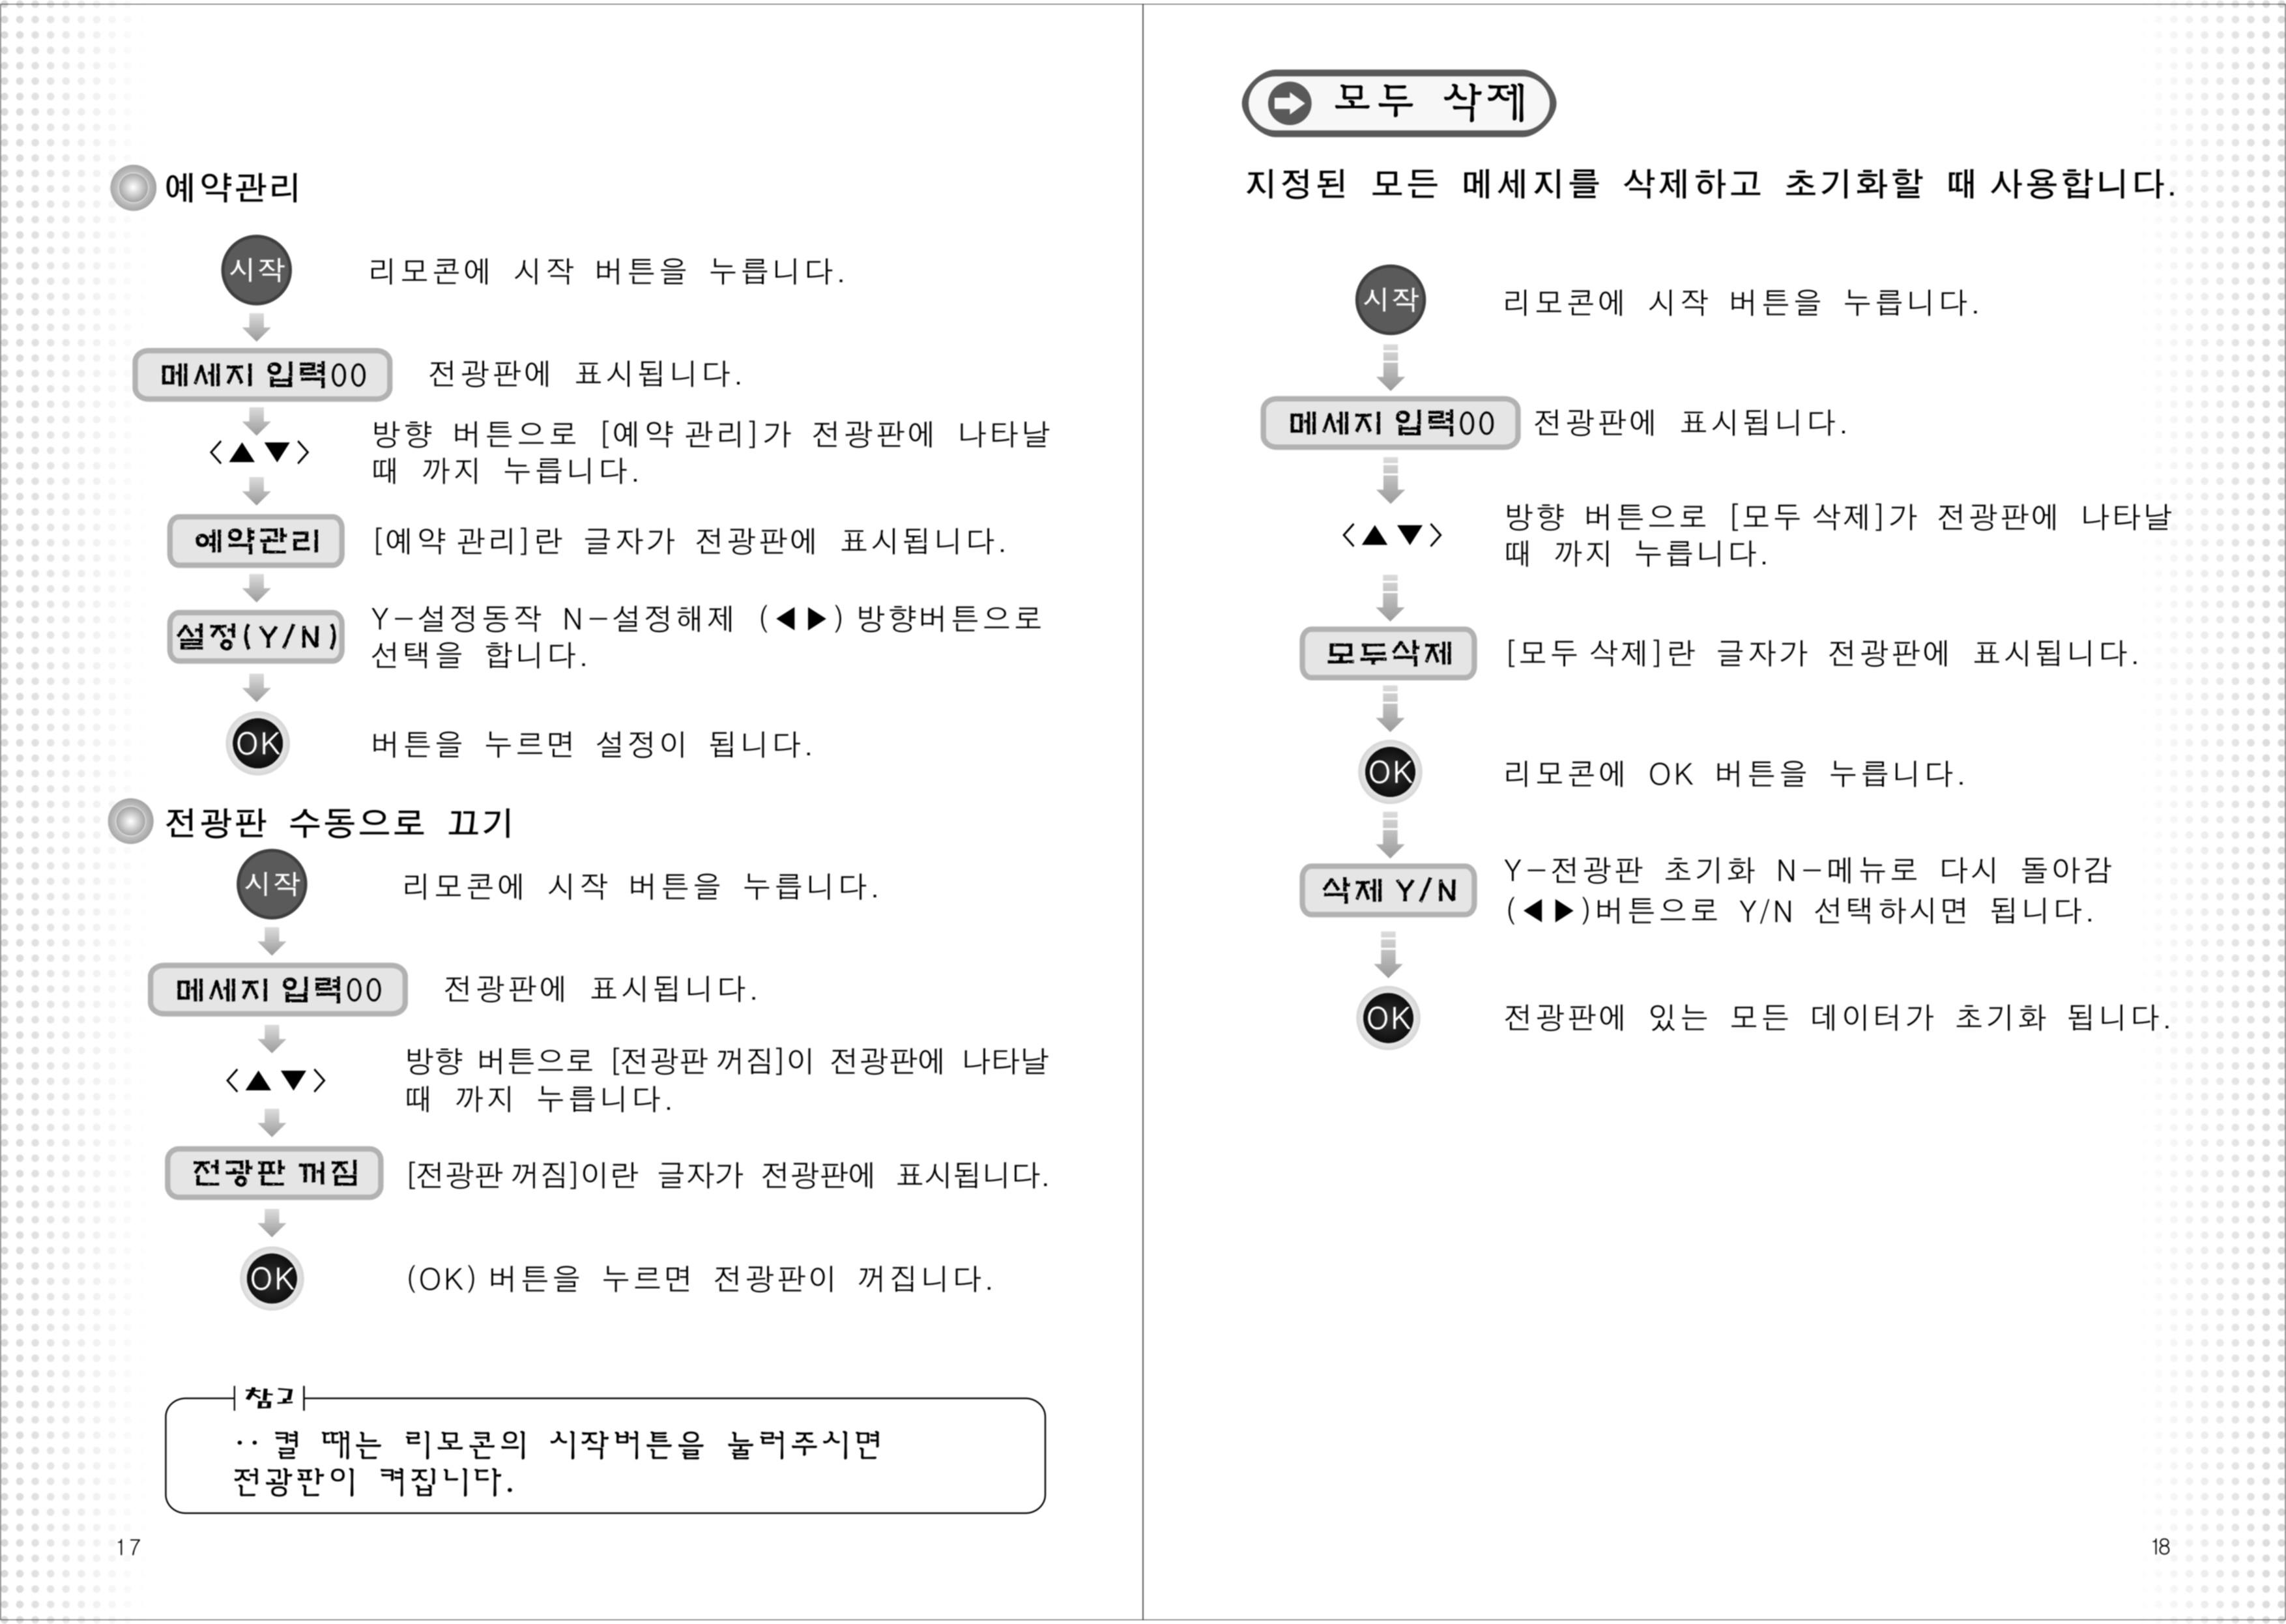 진영정보통신_사용 설명서 (10).jpg